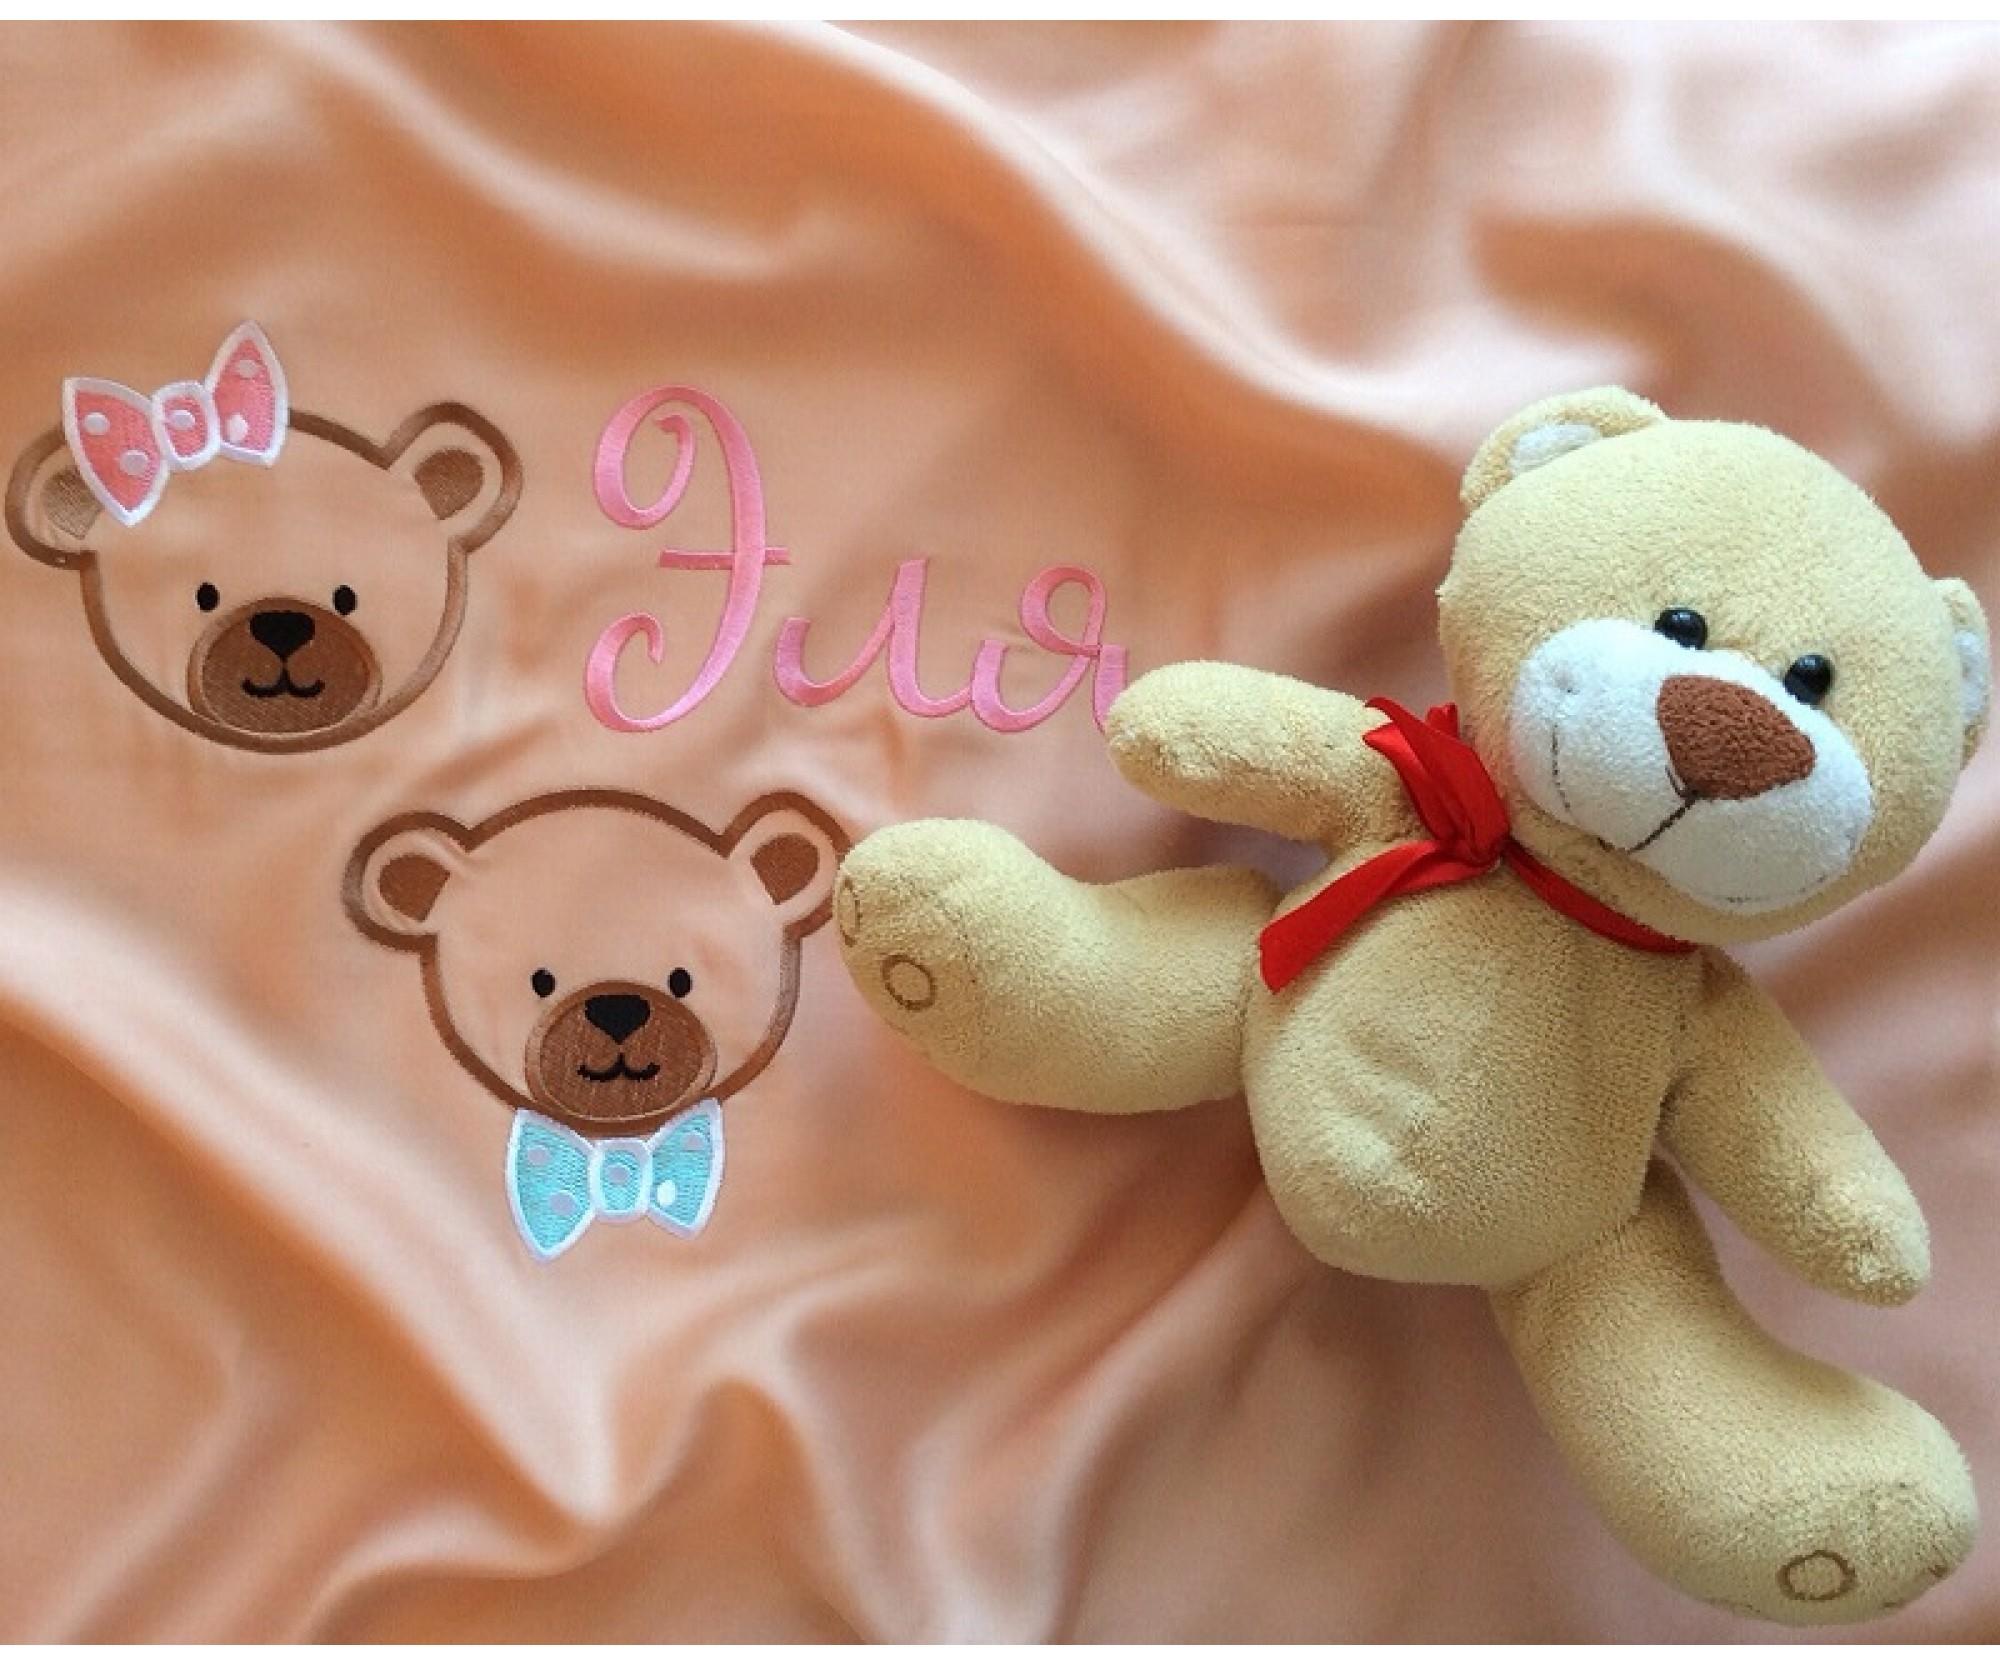 Вышивка на детском белье